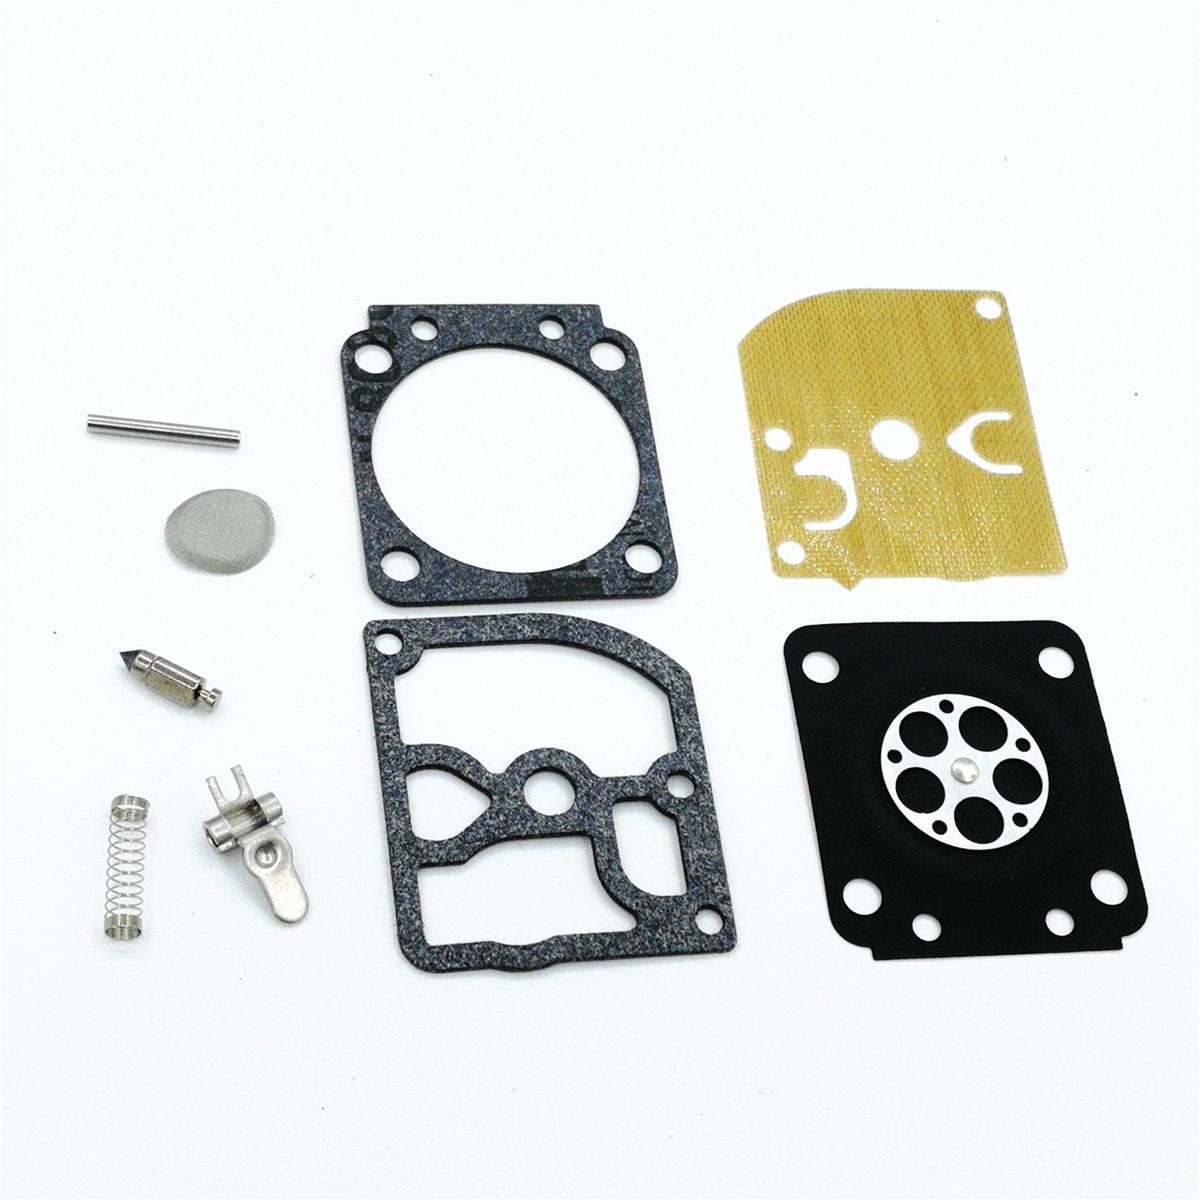 2 Sets Carburetor Rebuild Repair Kit For STIHL MS170 MS180 MS210 MS230  MS250 017 018 021 023 025 Chainsaw with Walbro Carburetor